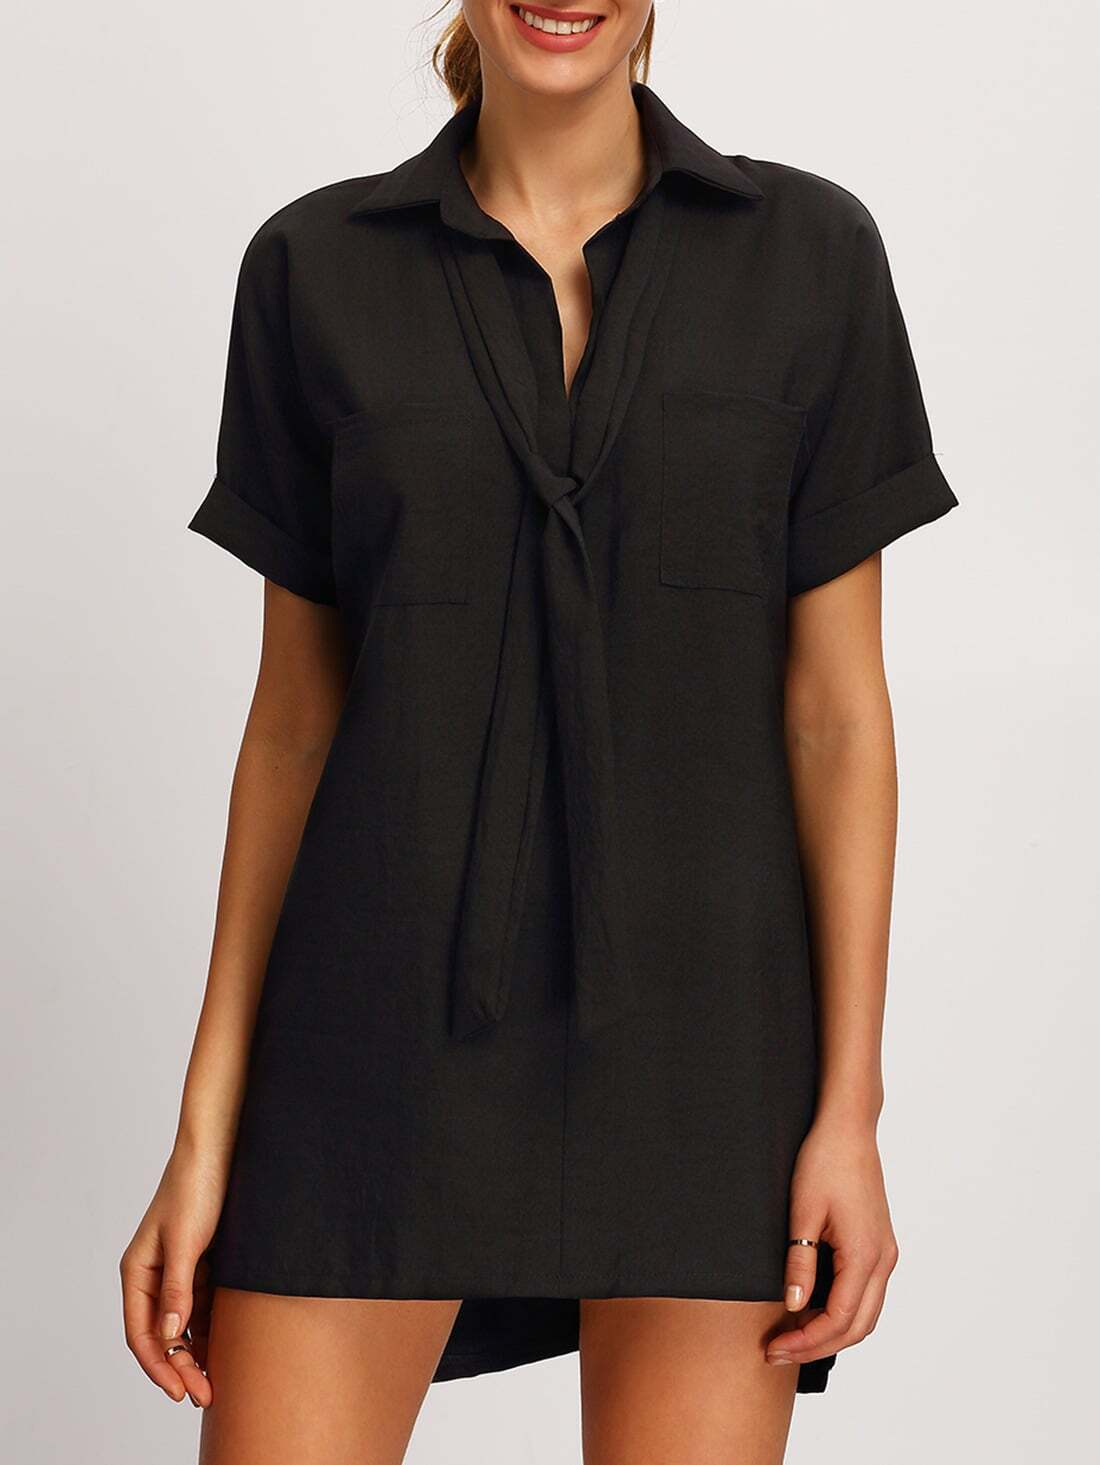 Kurzarm t shirt kleid vorne kurz hinten lang mit - Kleid lang mit schlitz ...